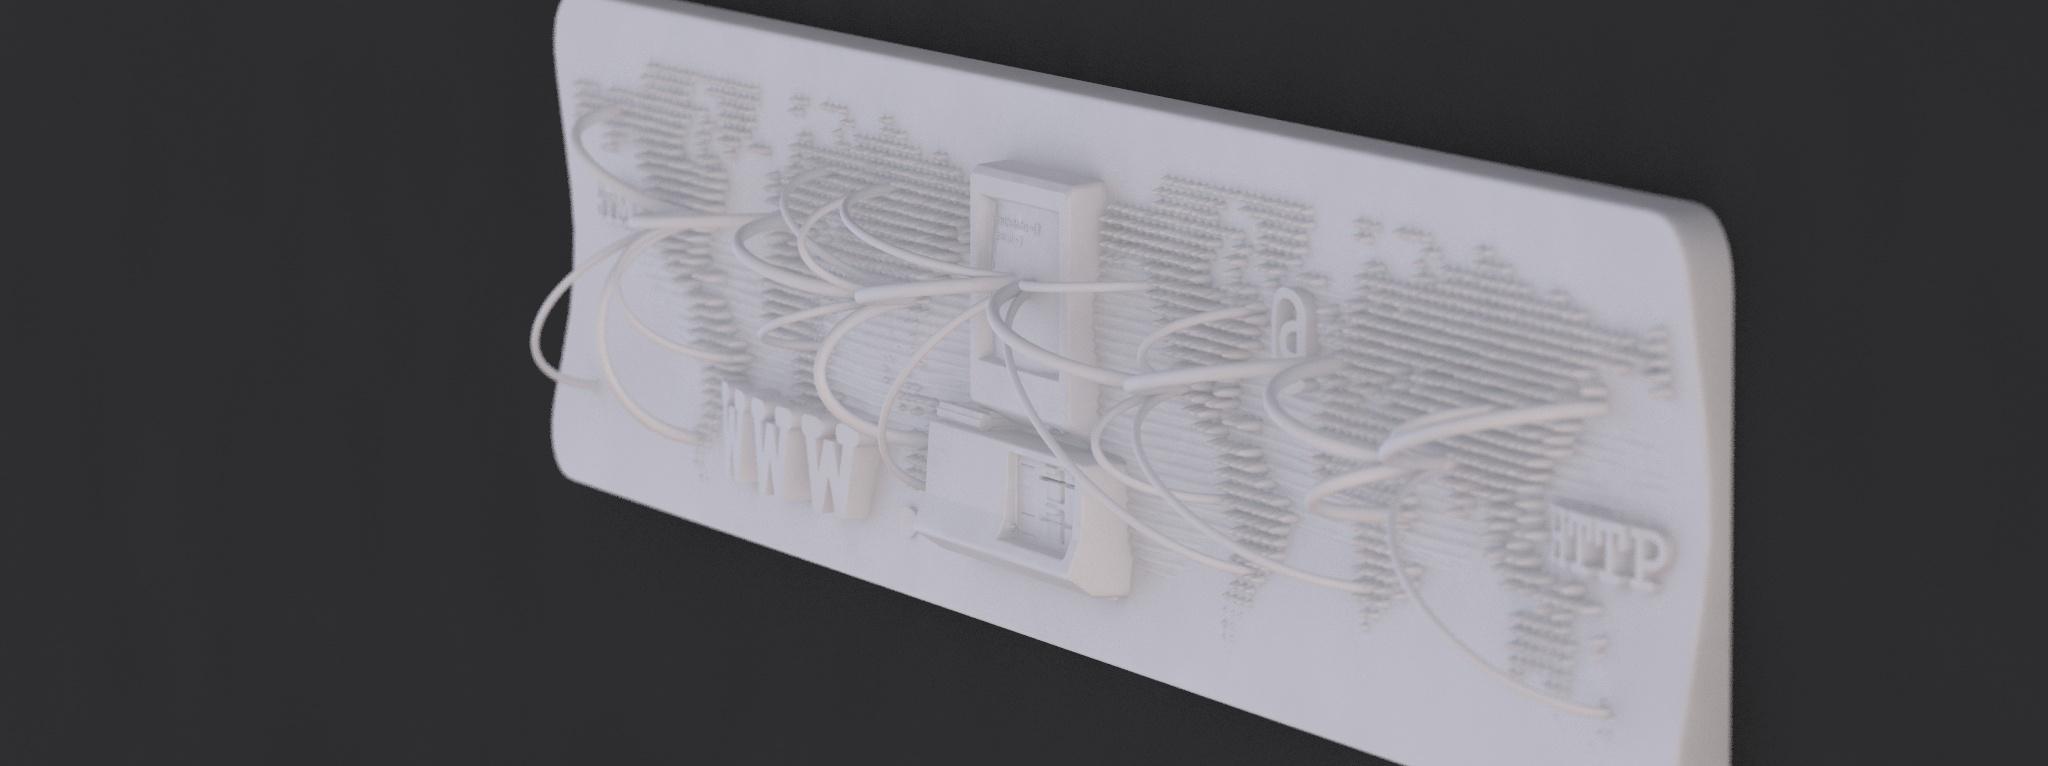 objet impression 3d luminaire précision